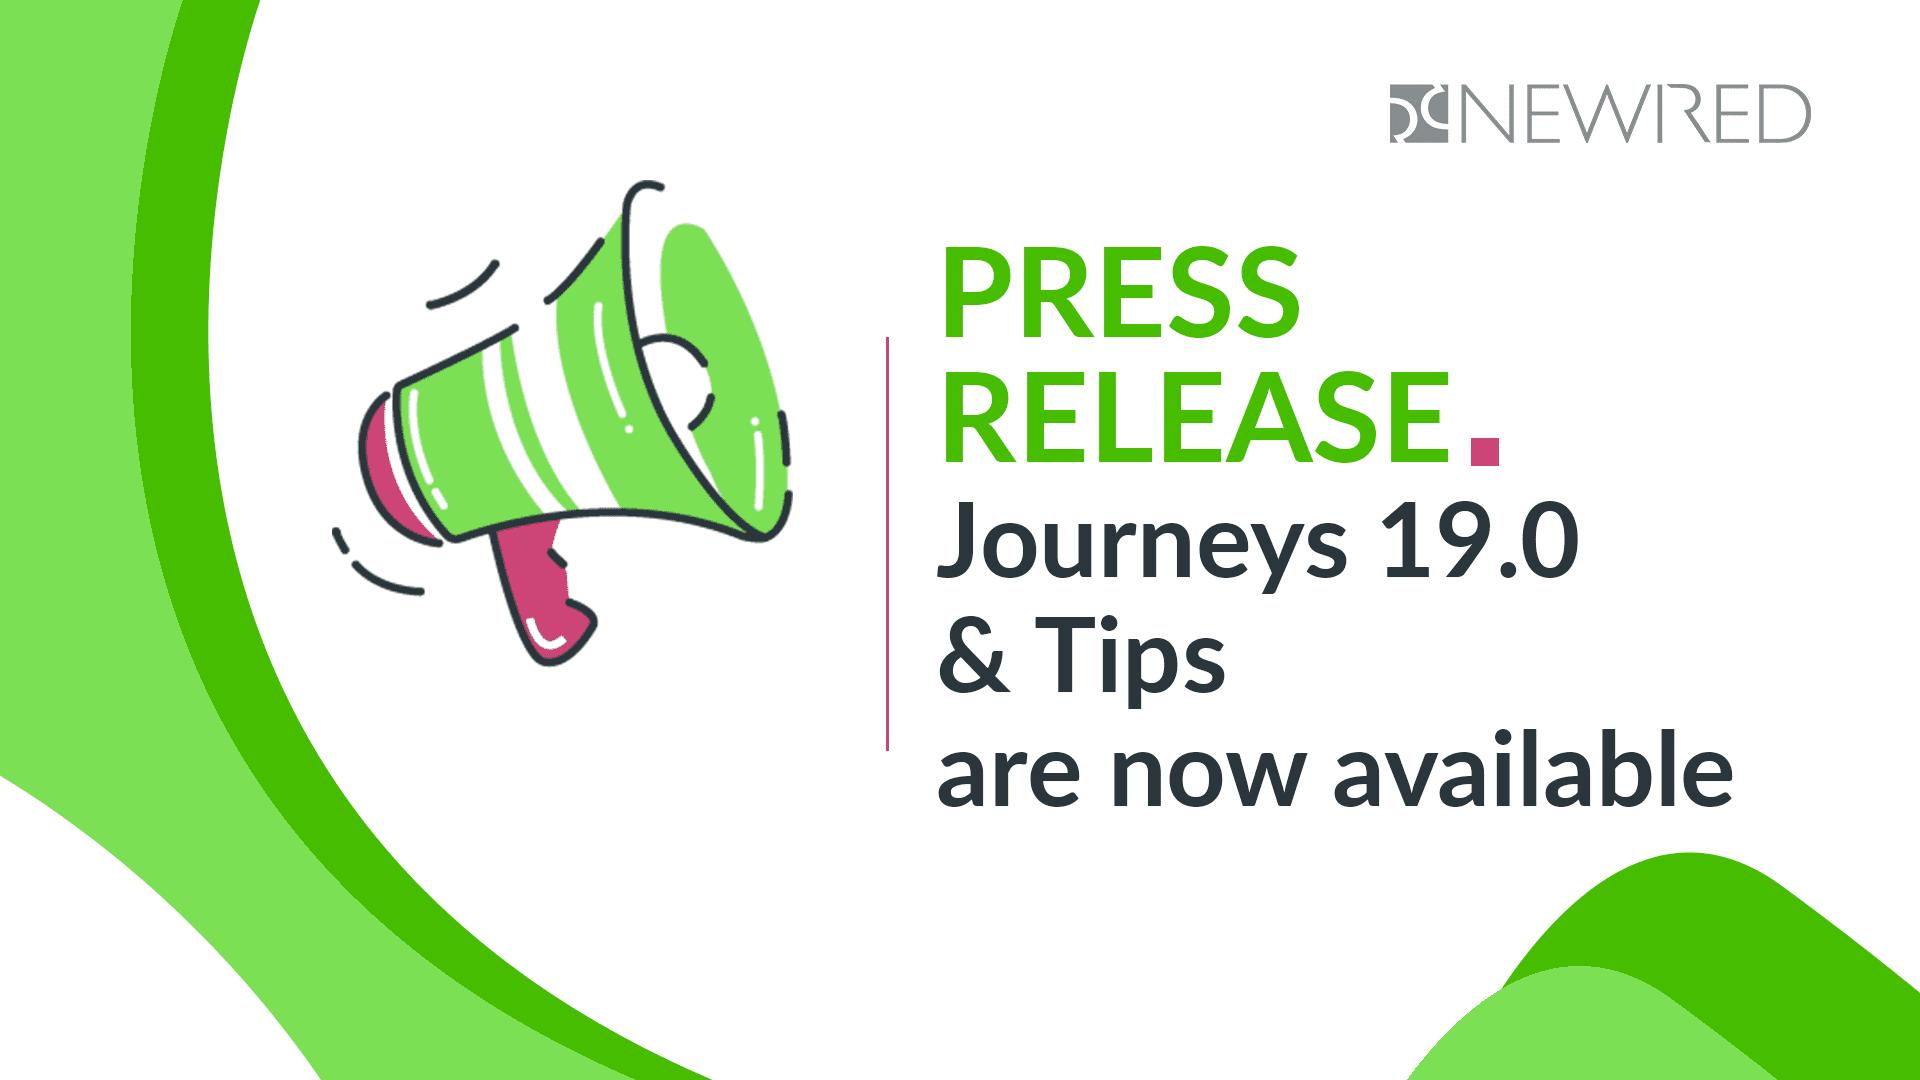 press release 19.0